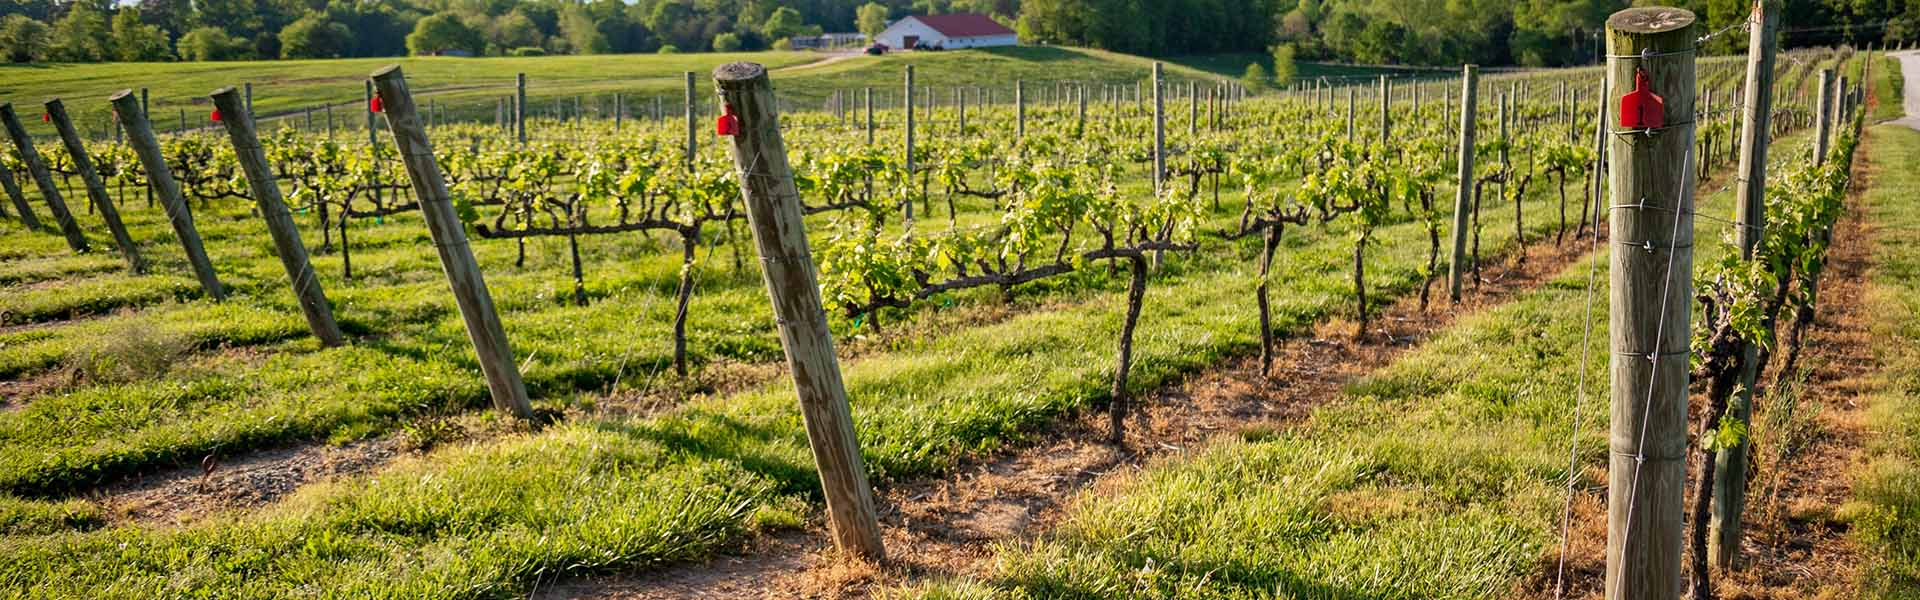 Yadkin Valley Winery